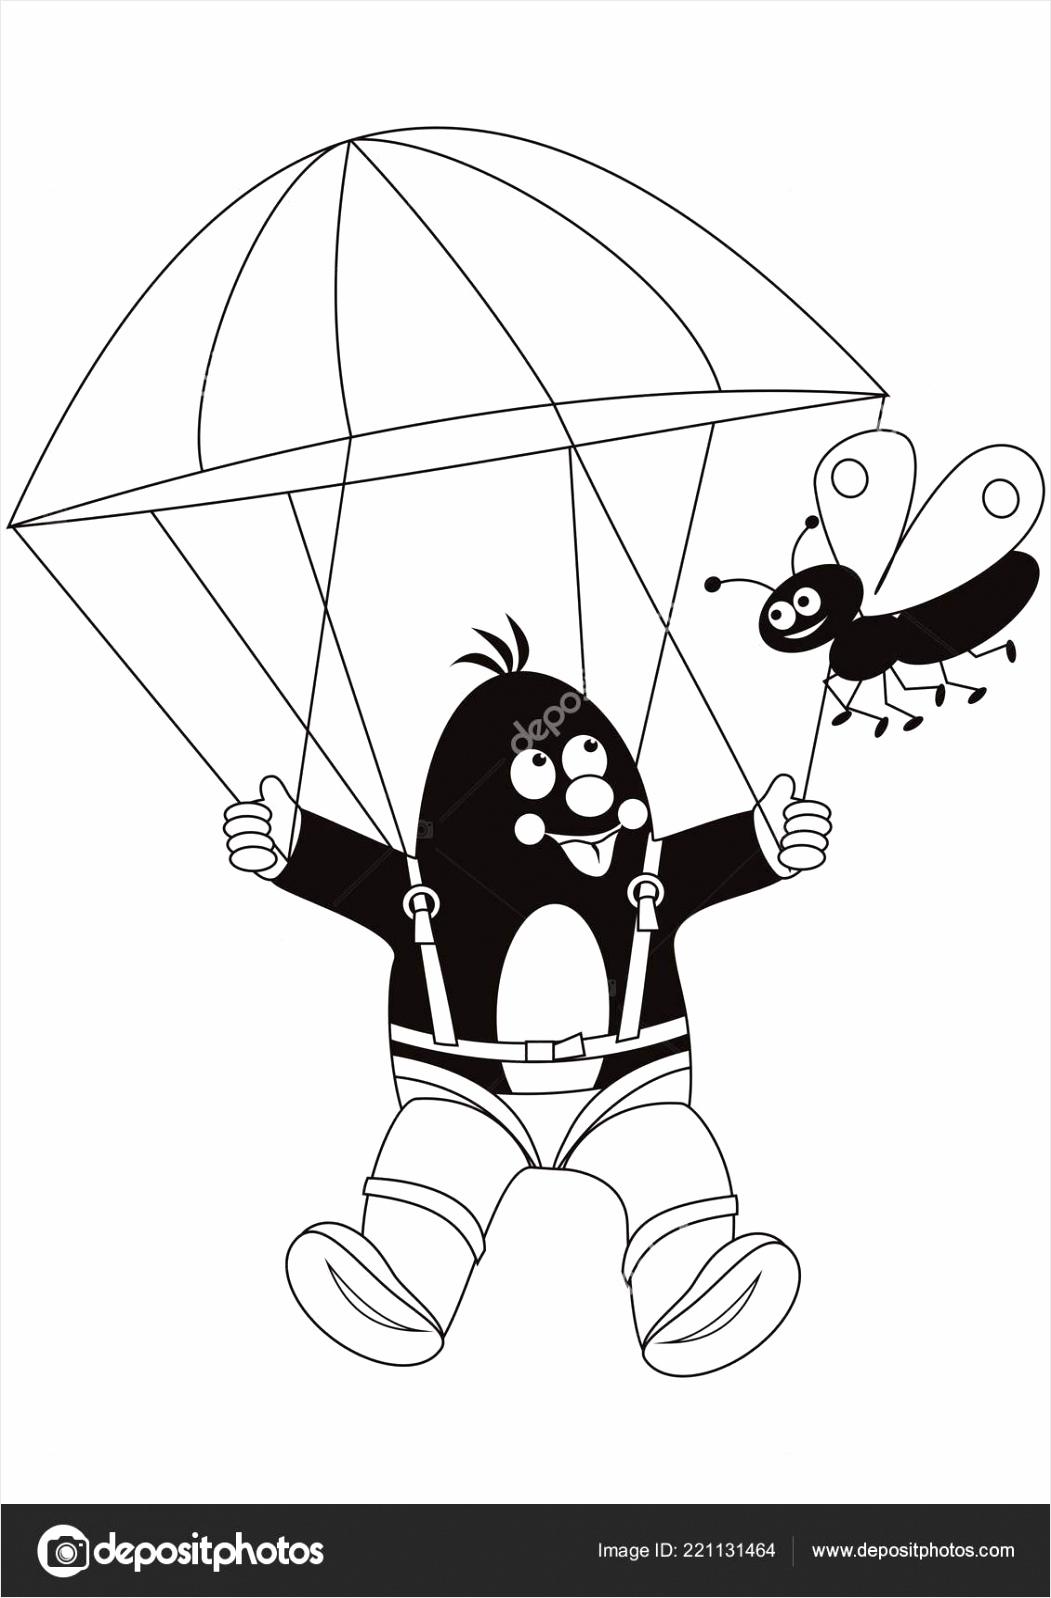 depositphotos stock illustration mole parachutist coloring book vector weirp